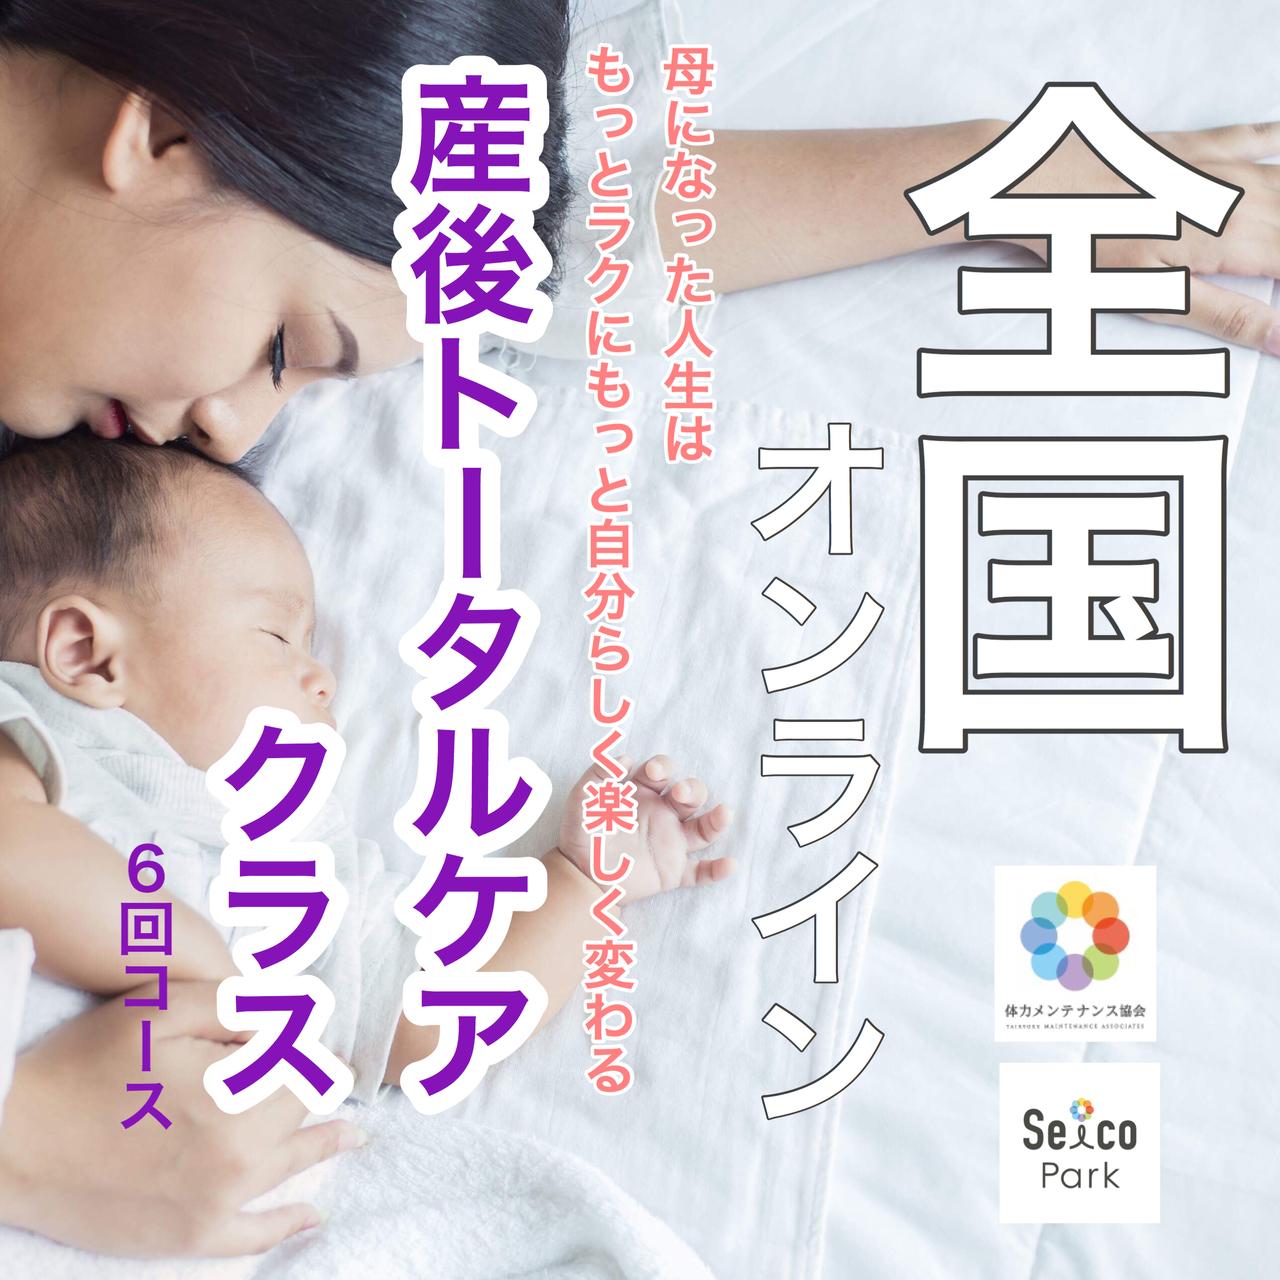 🔰💻【全国オンライン】産後トータルケアクラス(全6回) 野上聖子